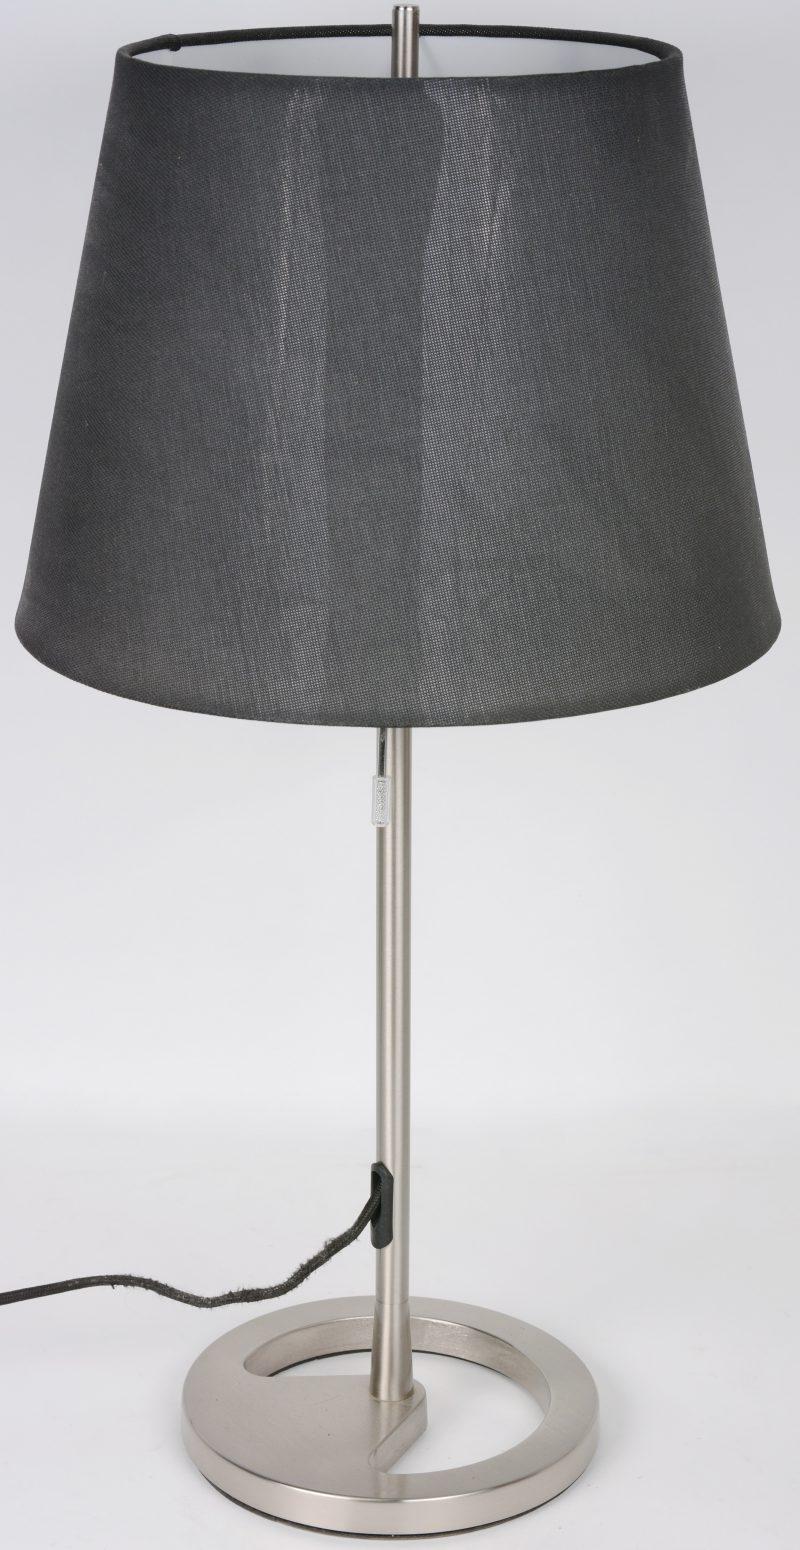 Een geborsteld stalen moderne tafellamp.